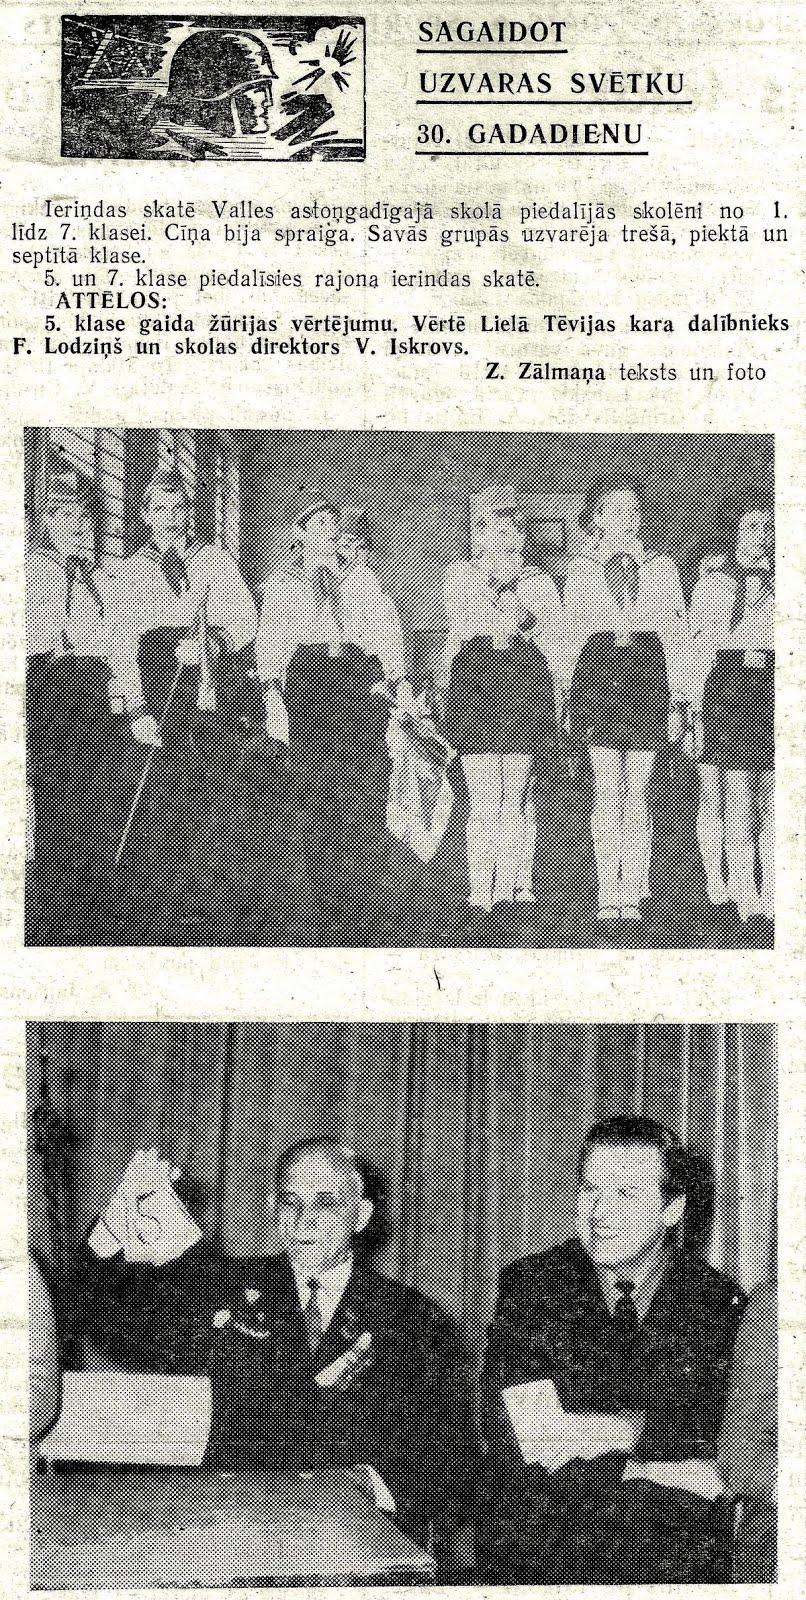 Mūsu klase pionieri ierindas skatē ( Avīze ,, Komunisma Uzvara '' , 1975. g. 20. maijs )